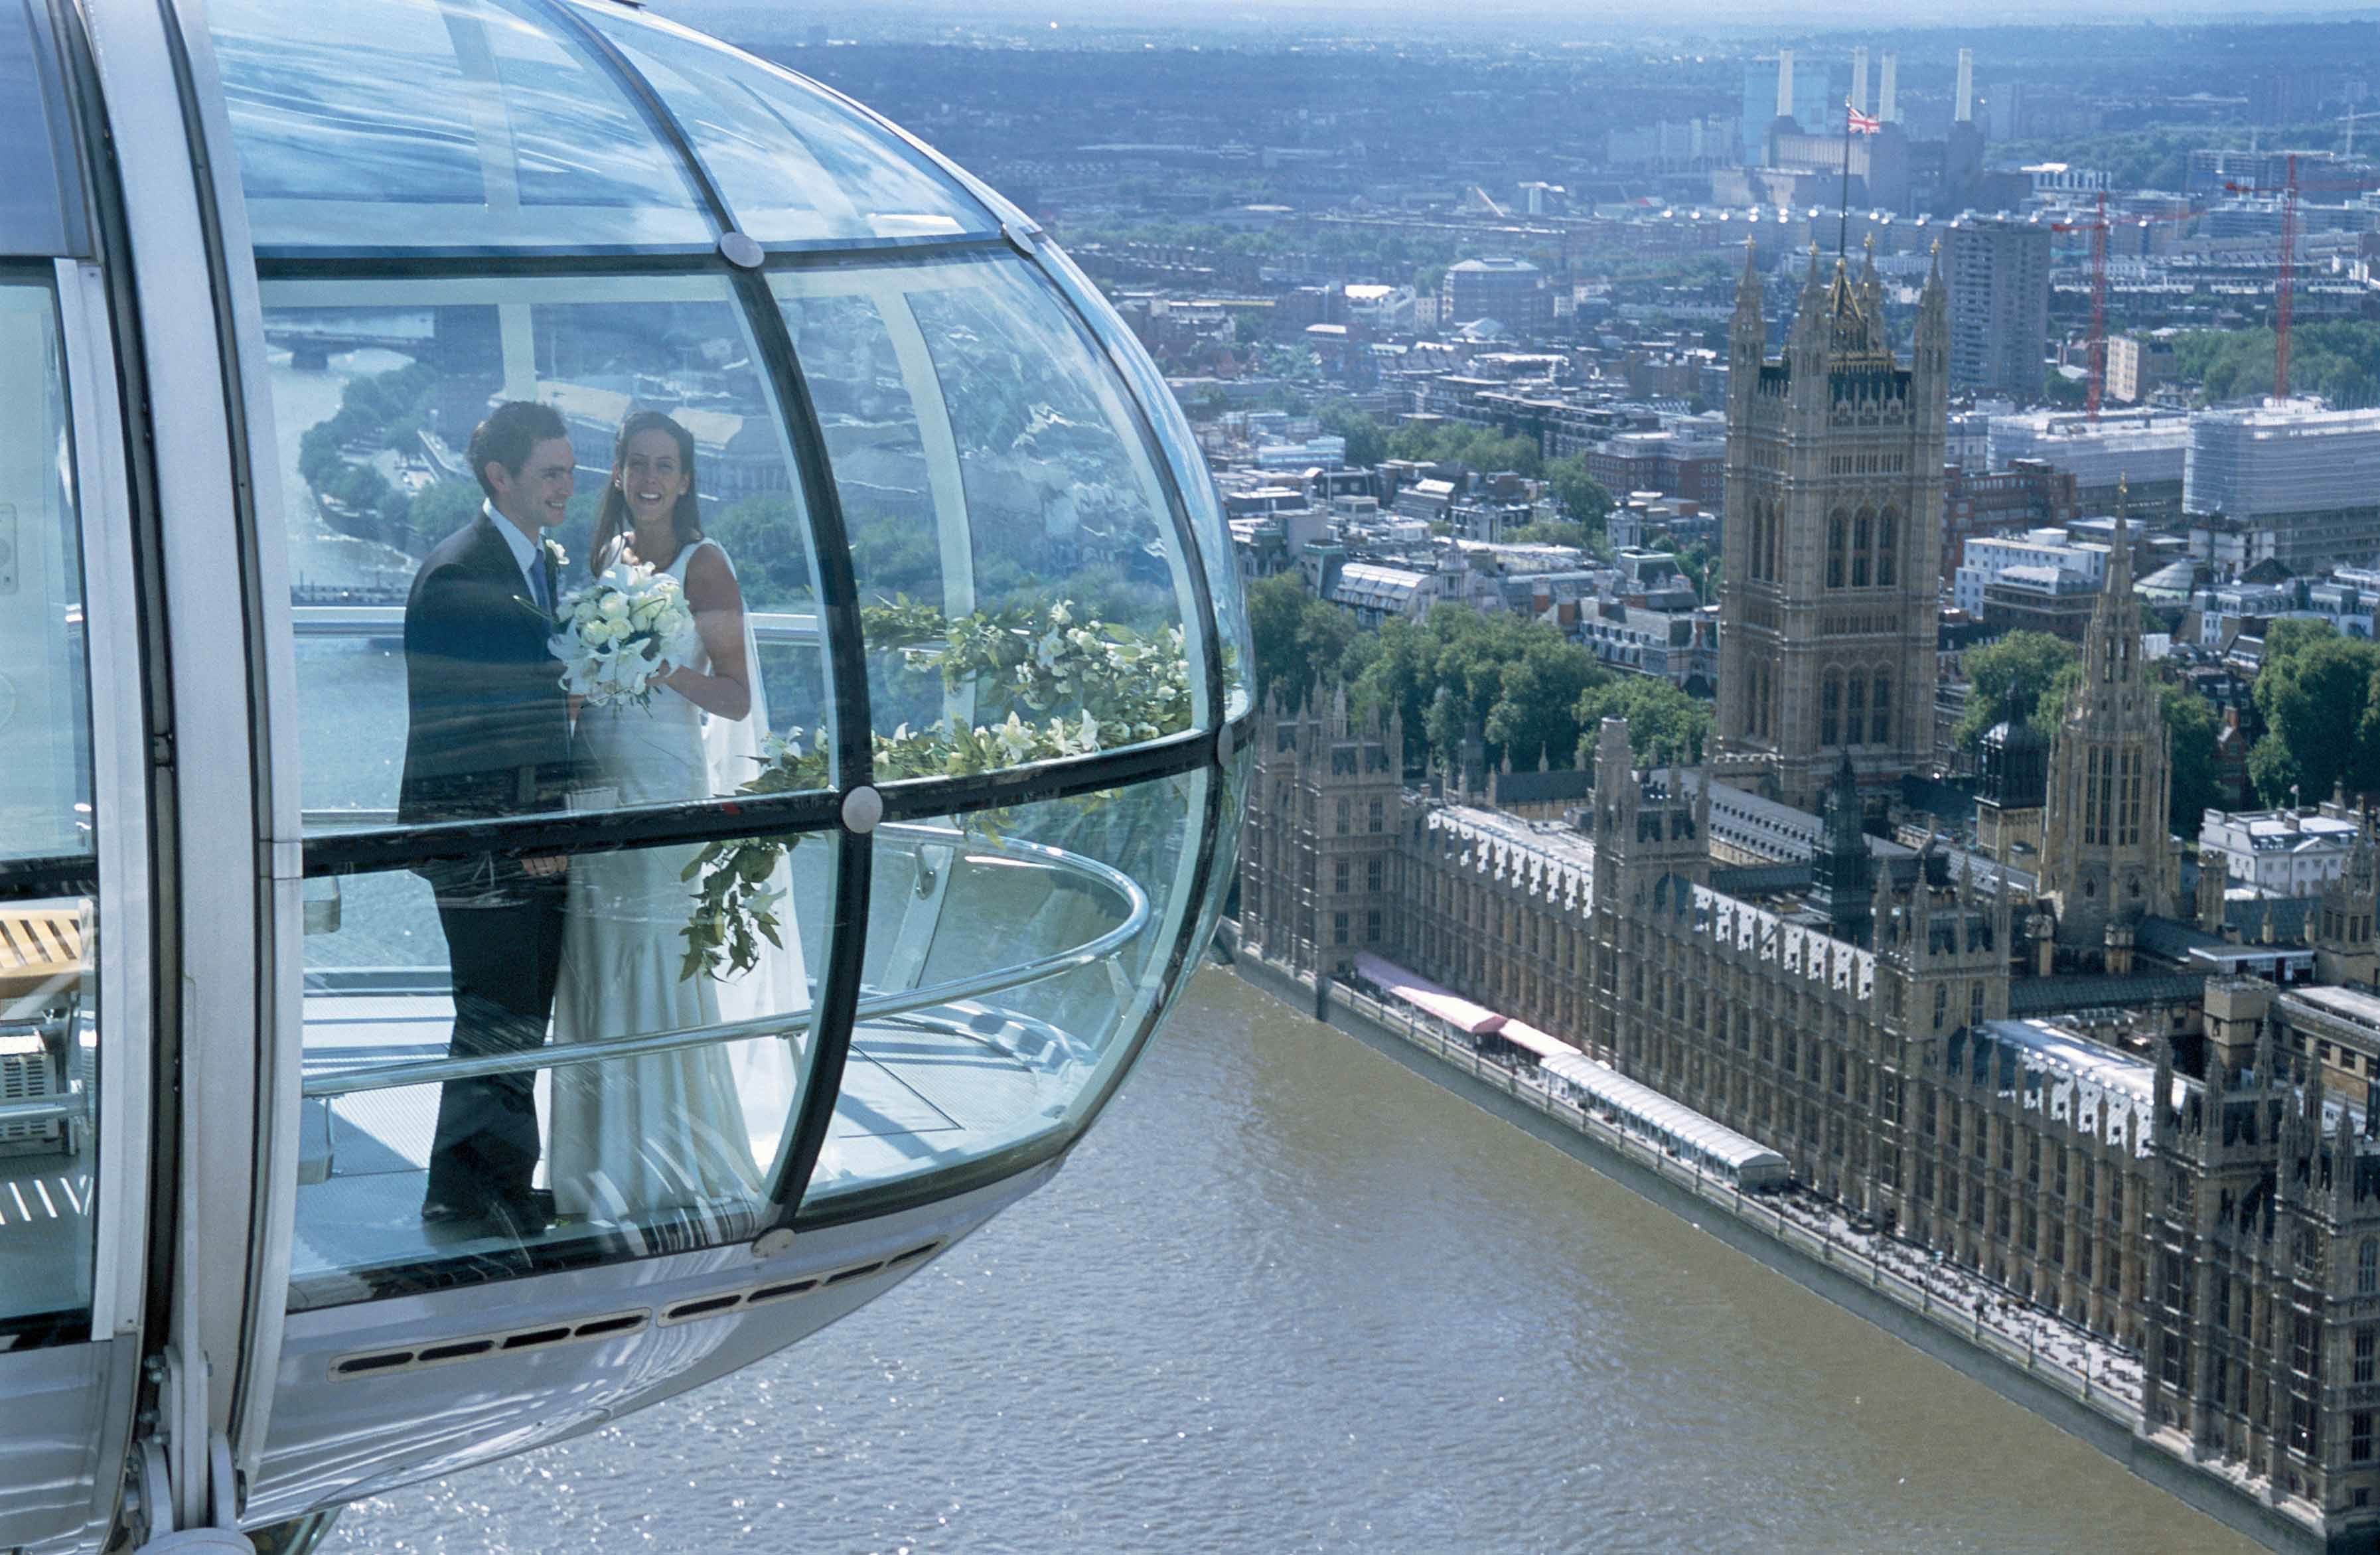 free photo london eye ride london eye free download